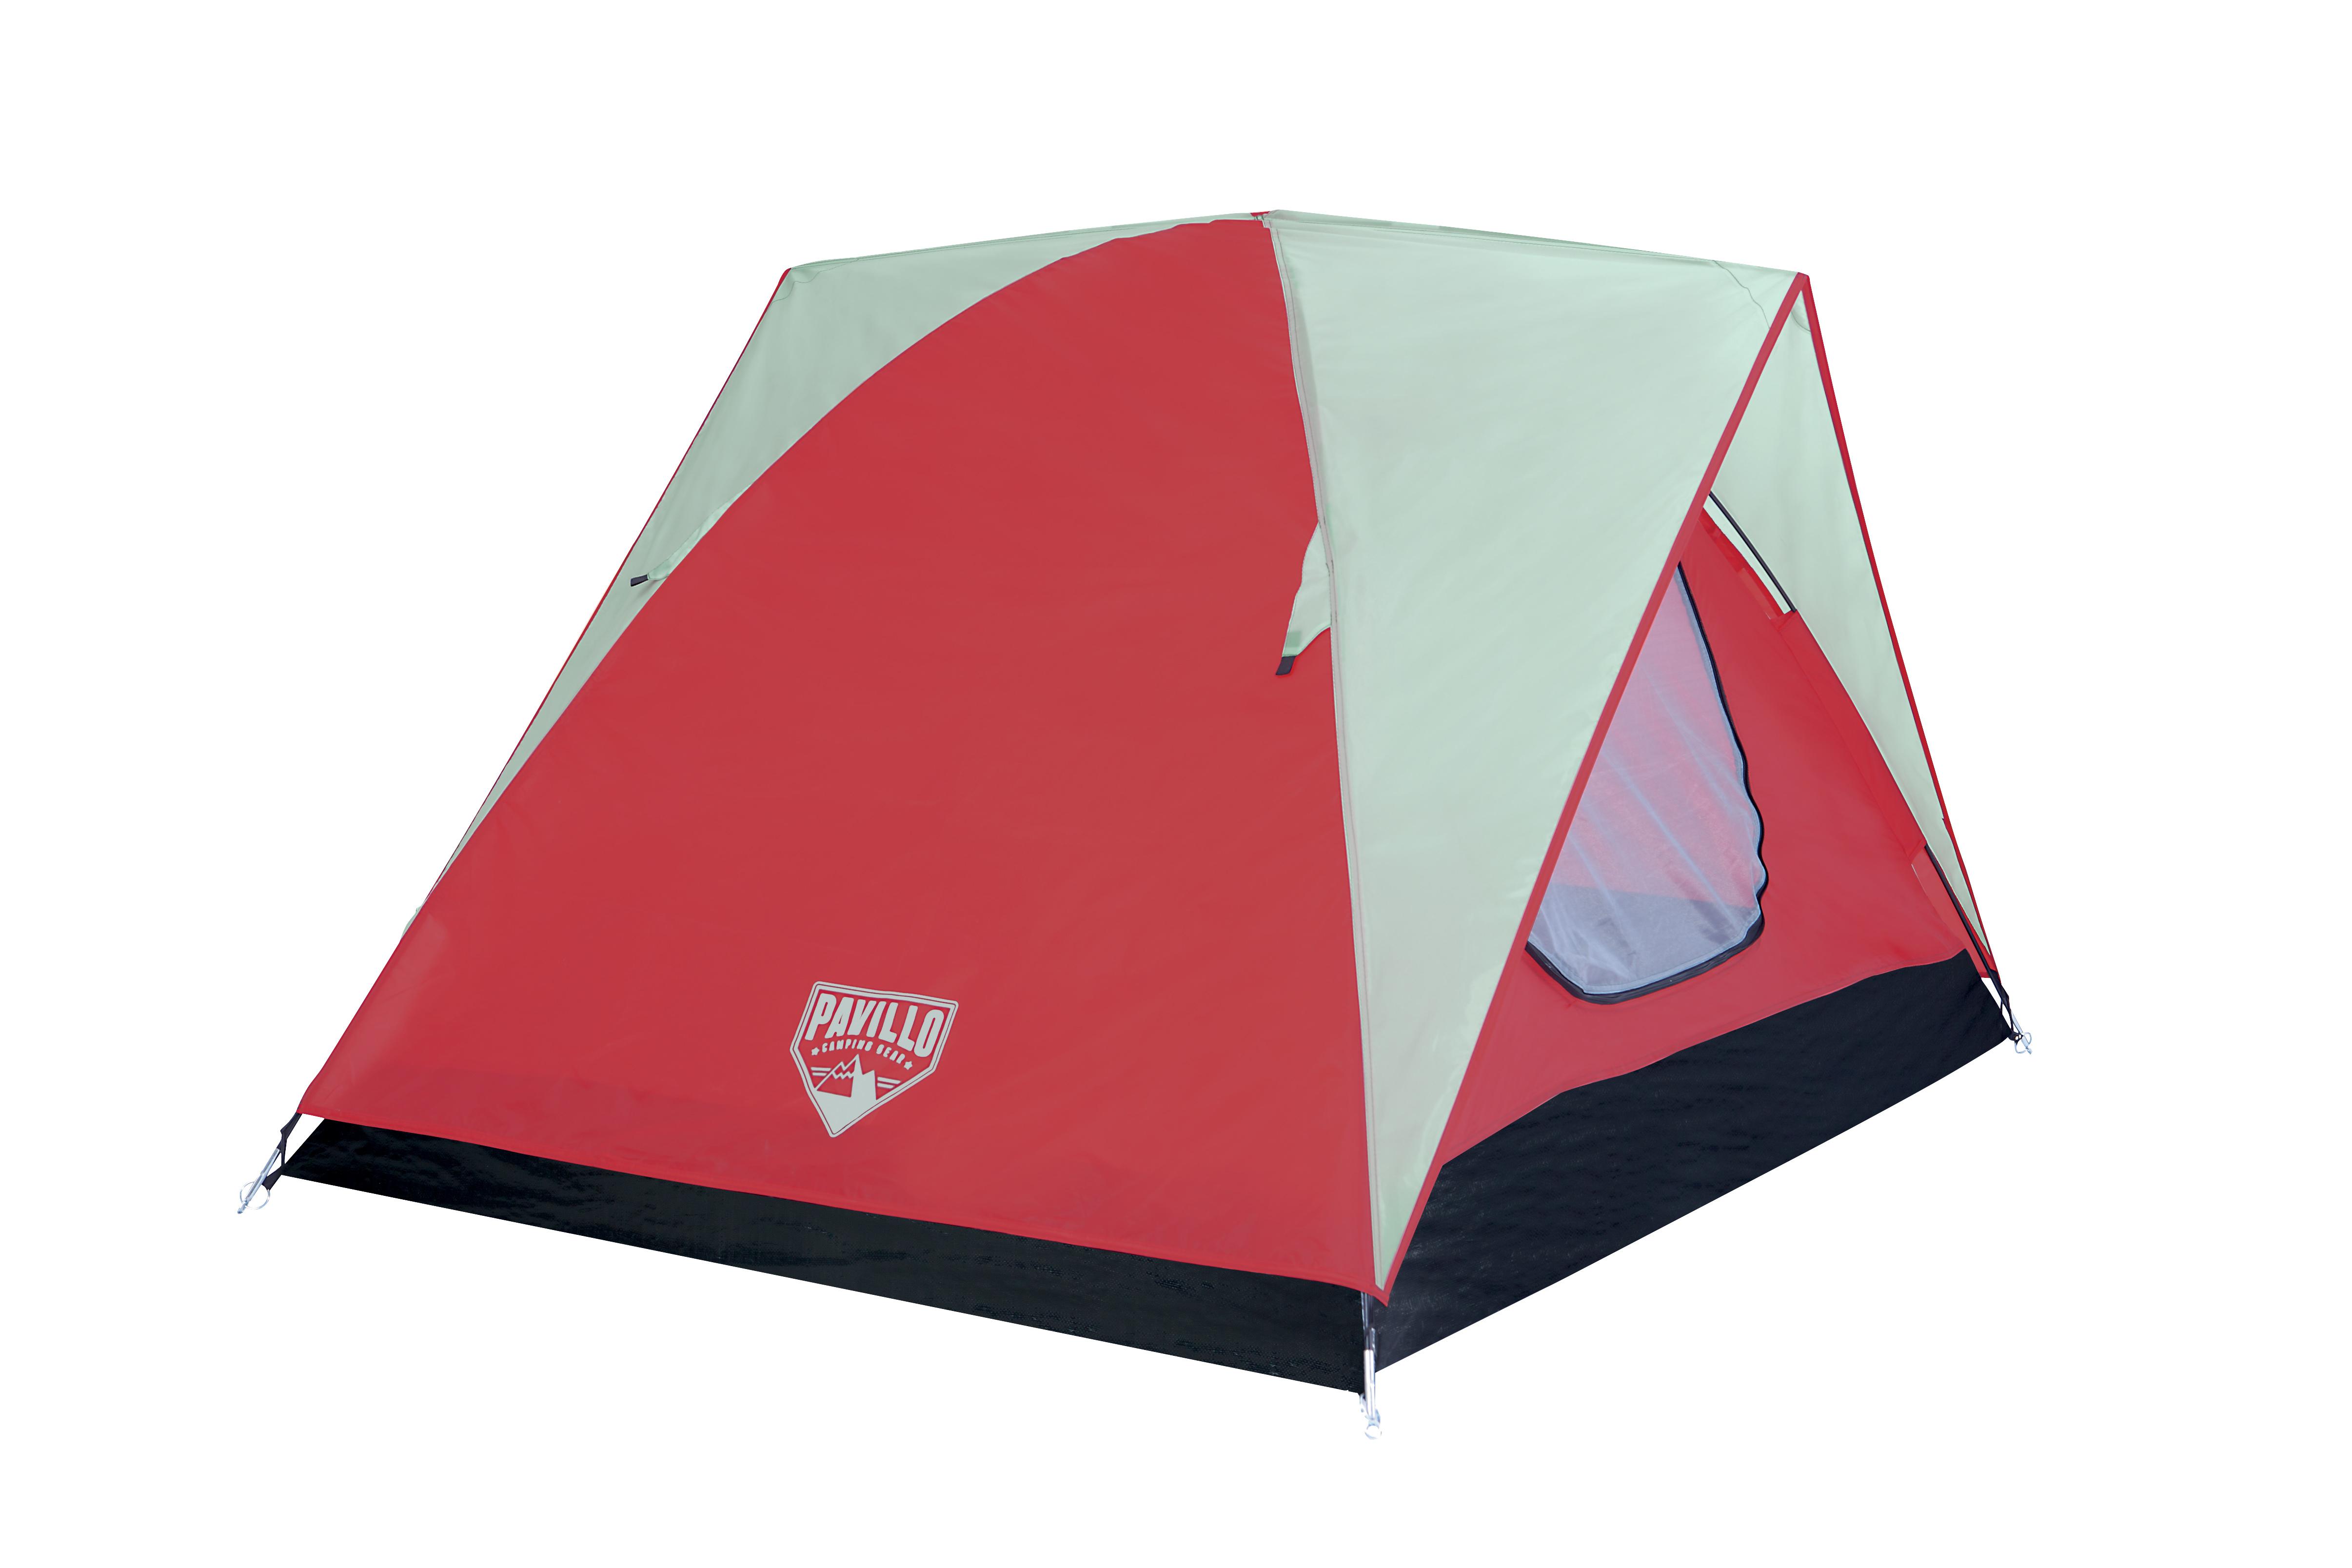 Bestway Woodlands X2 Tent - 2 personen